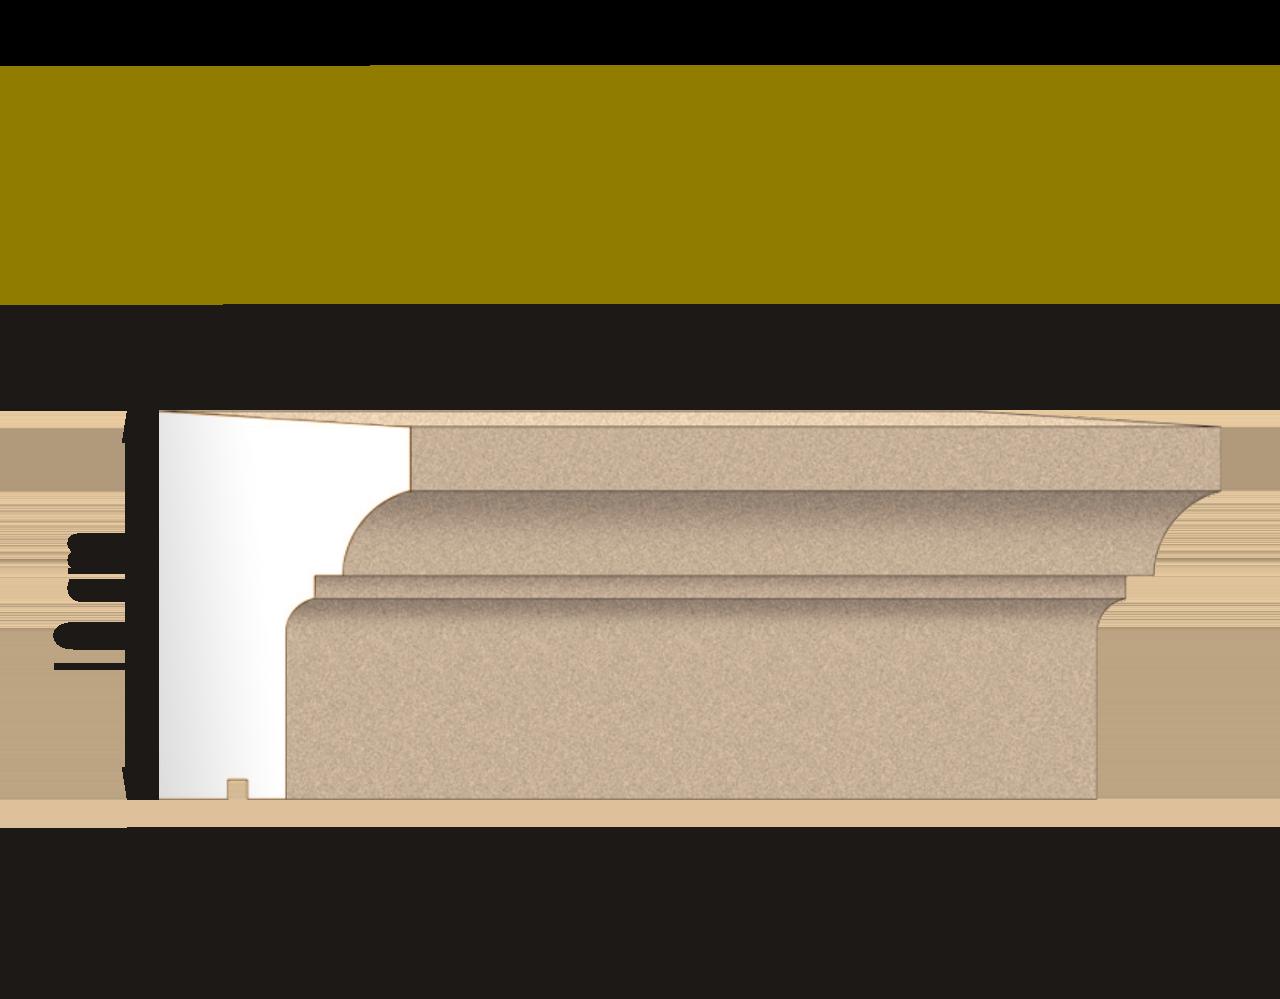 SAN-F-207